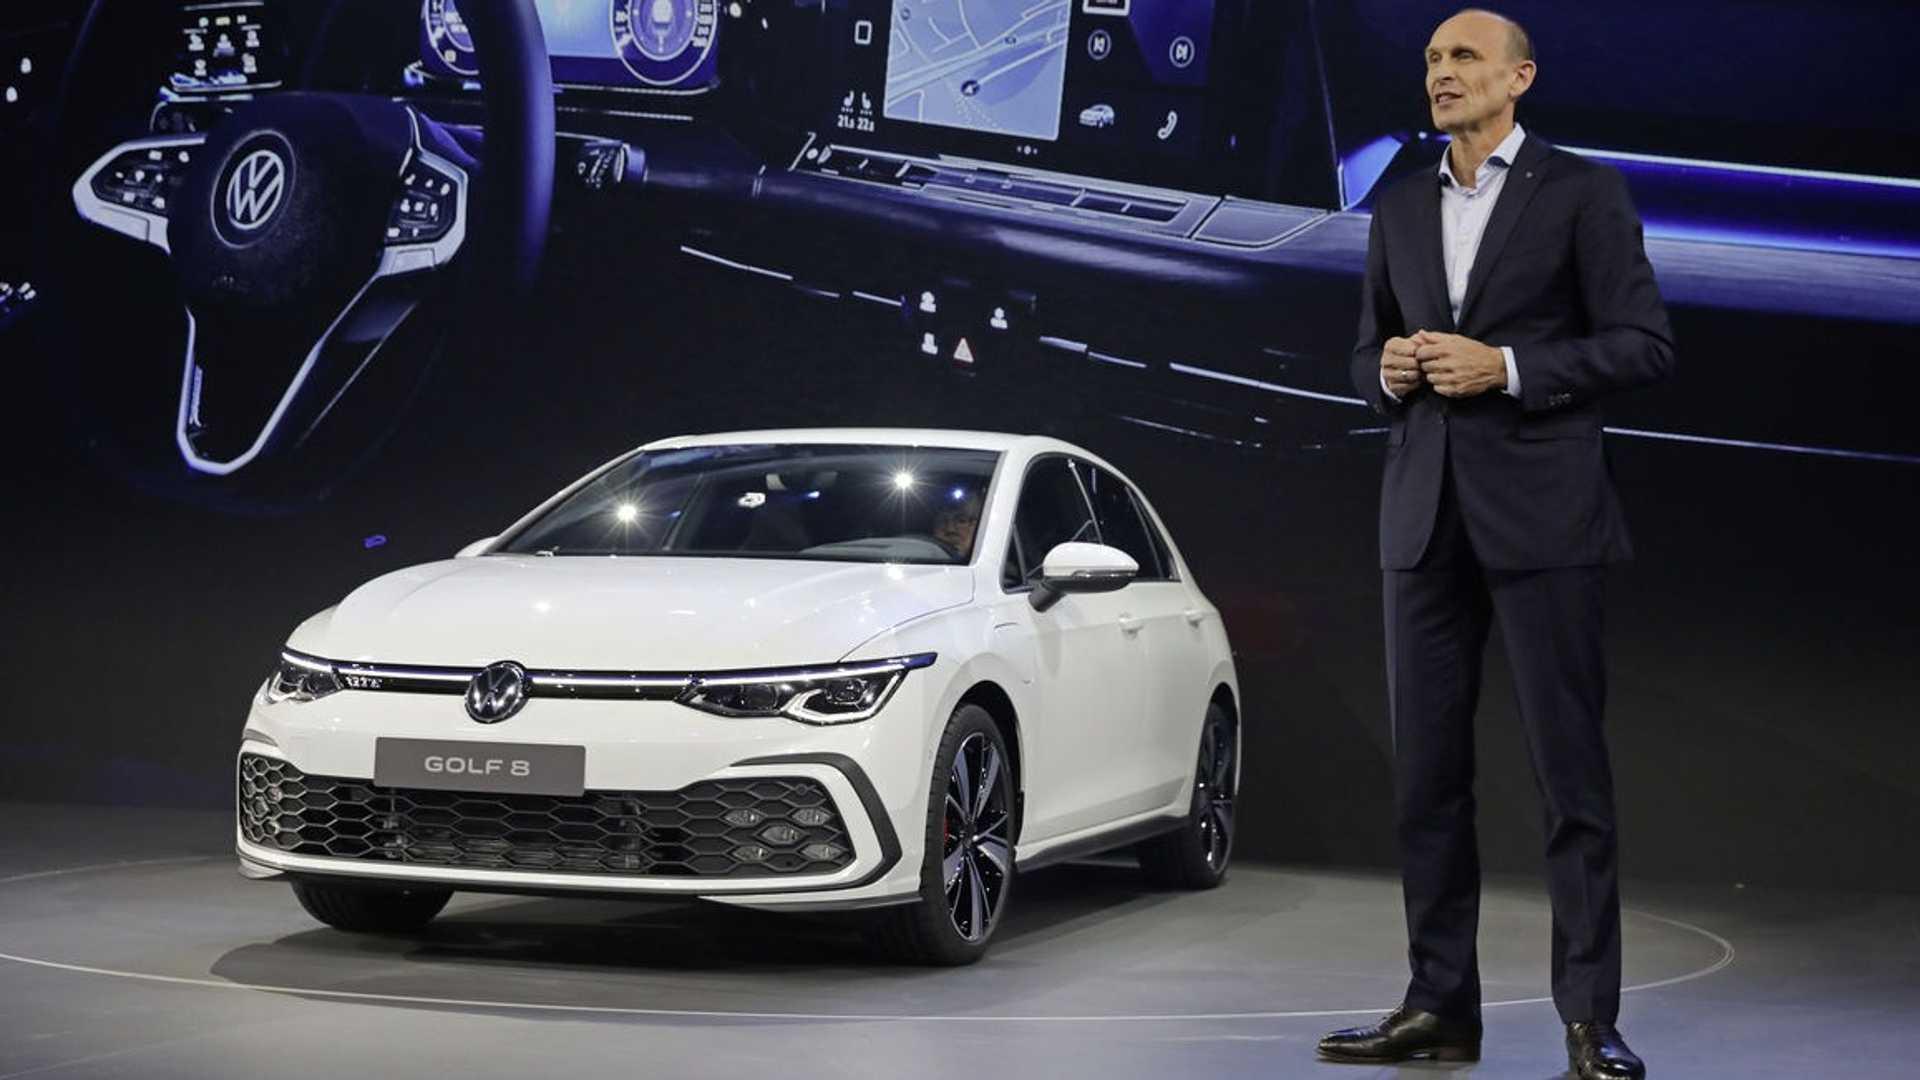 新一代高尔夫标配三缸,海外首秀试驾换挡变线控,最帅的是尾巴